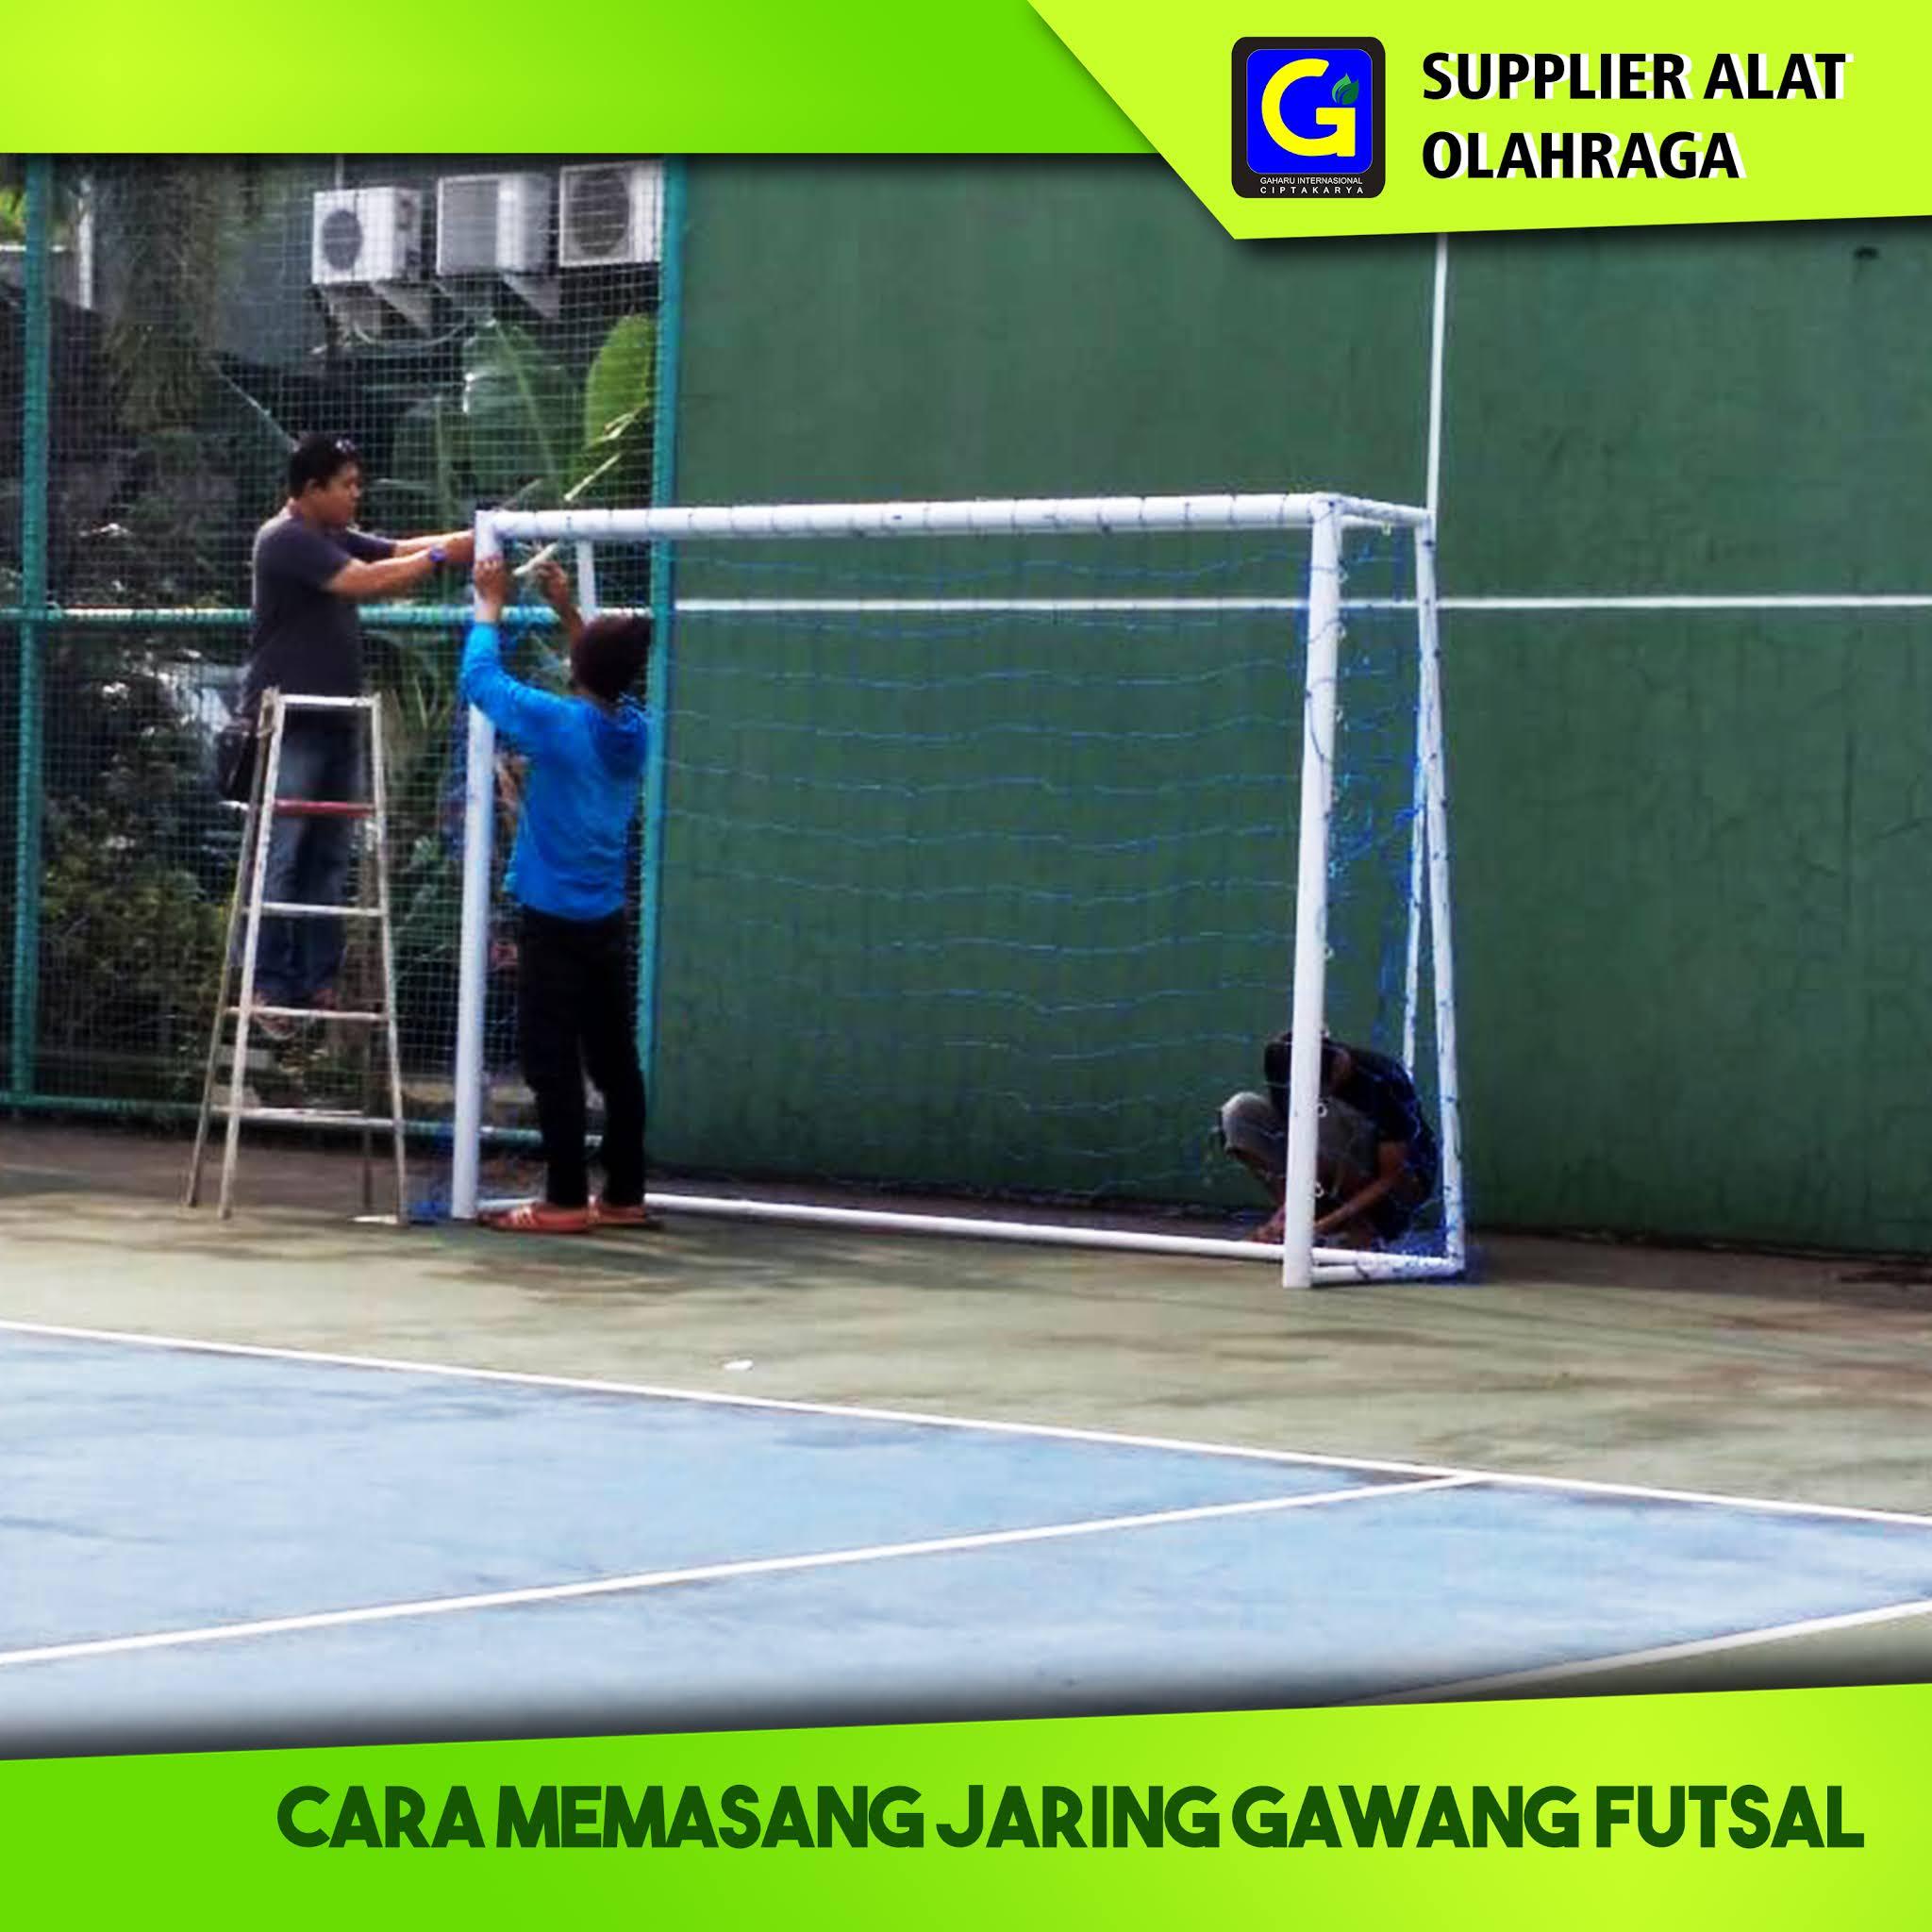 Cara memasang jaring gawang futsal